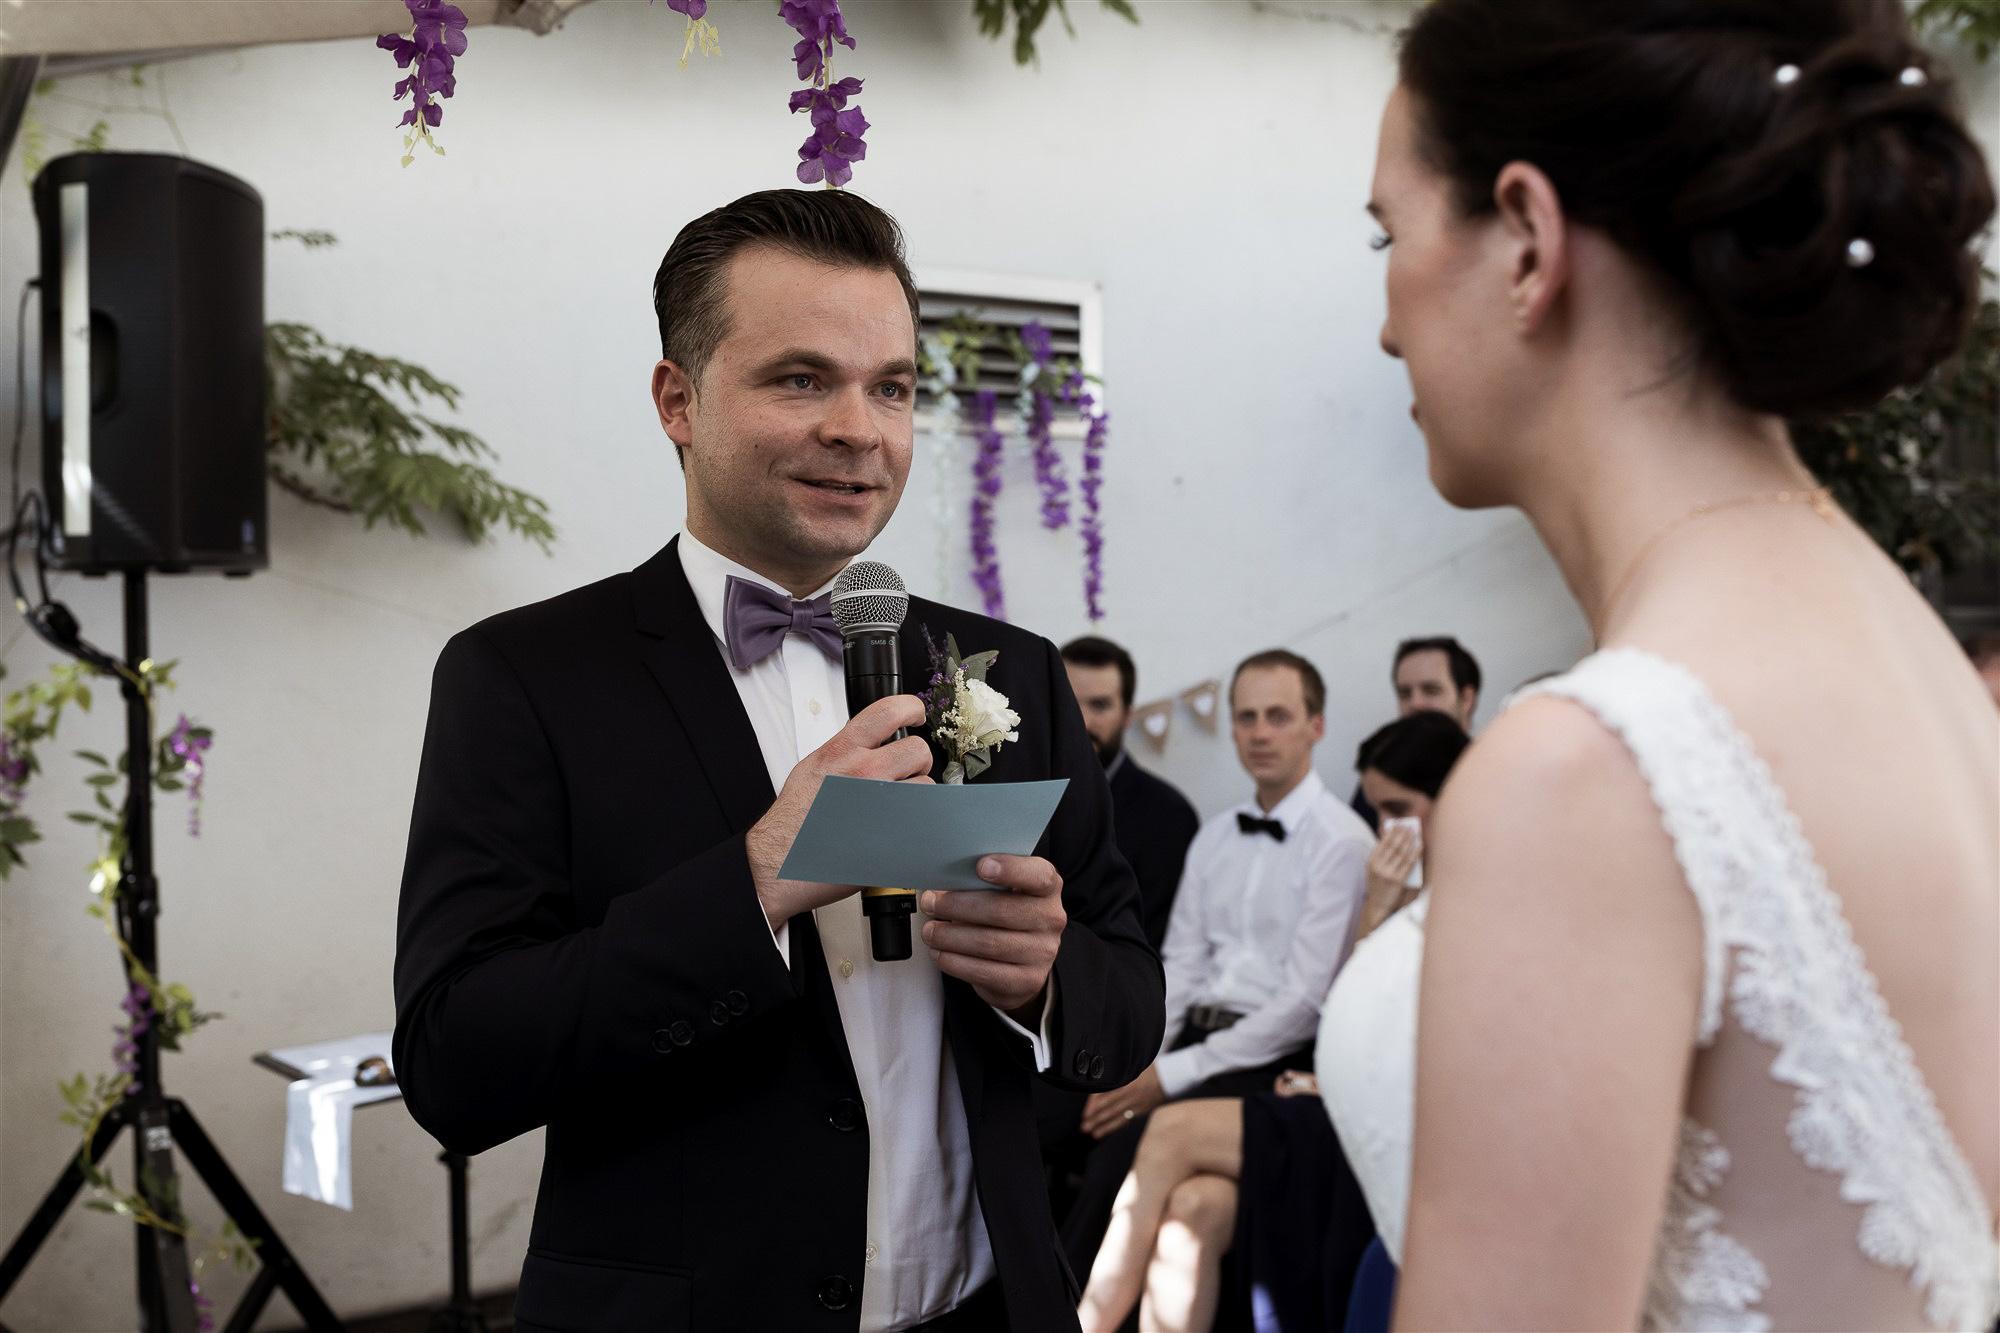 Freie Trauung im Teufelhof in Basel - Hochzeitsfotografen Nicole.Gallery